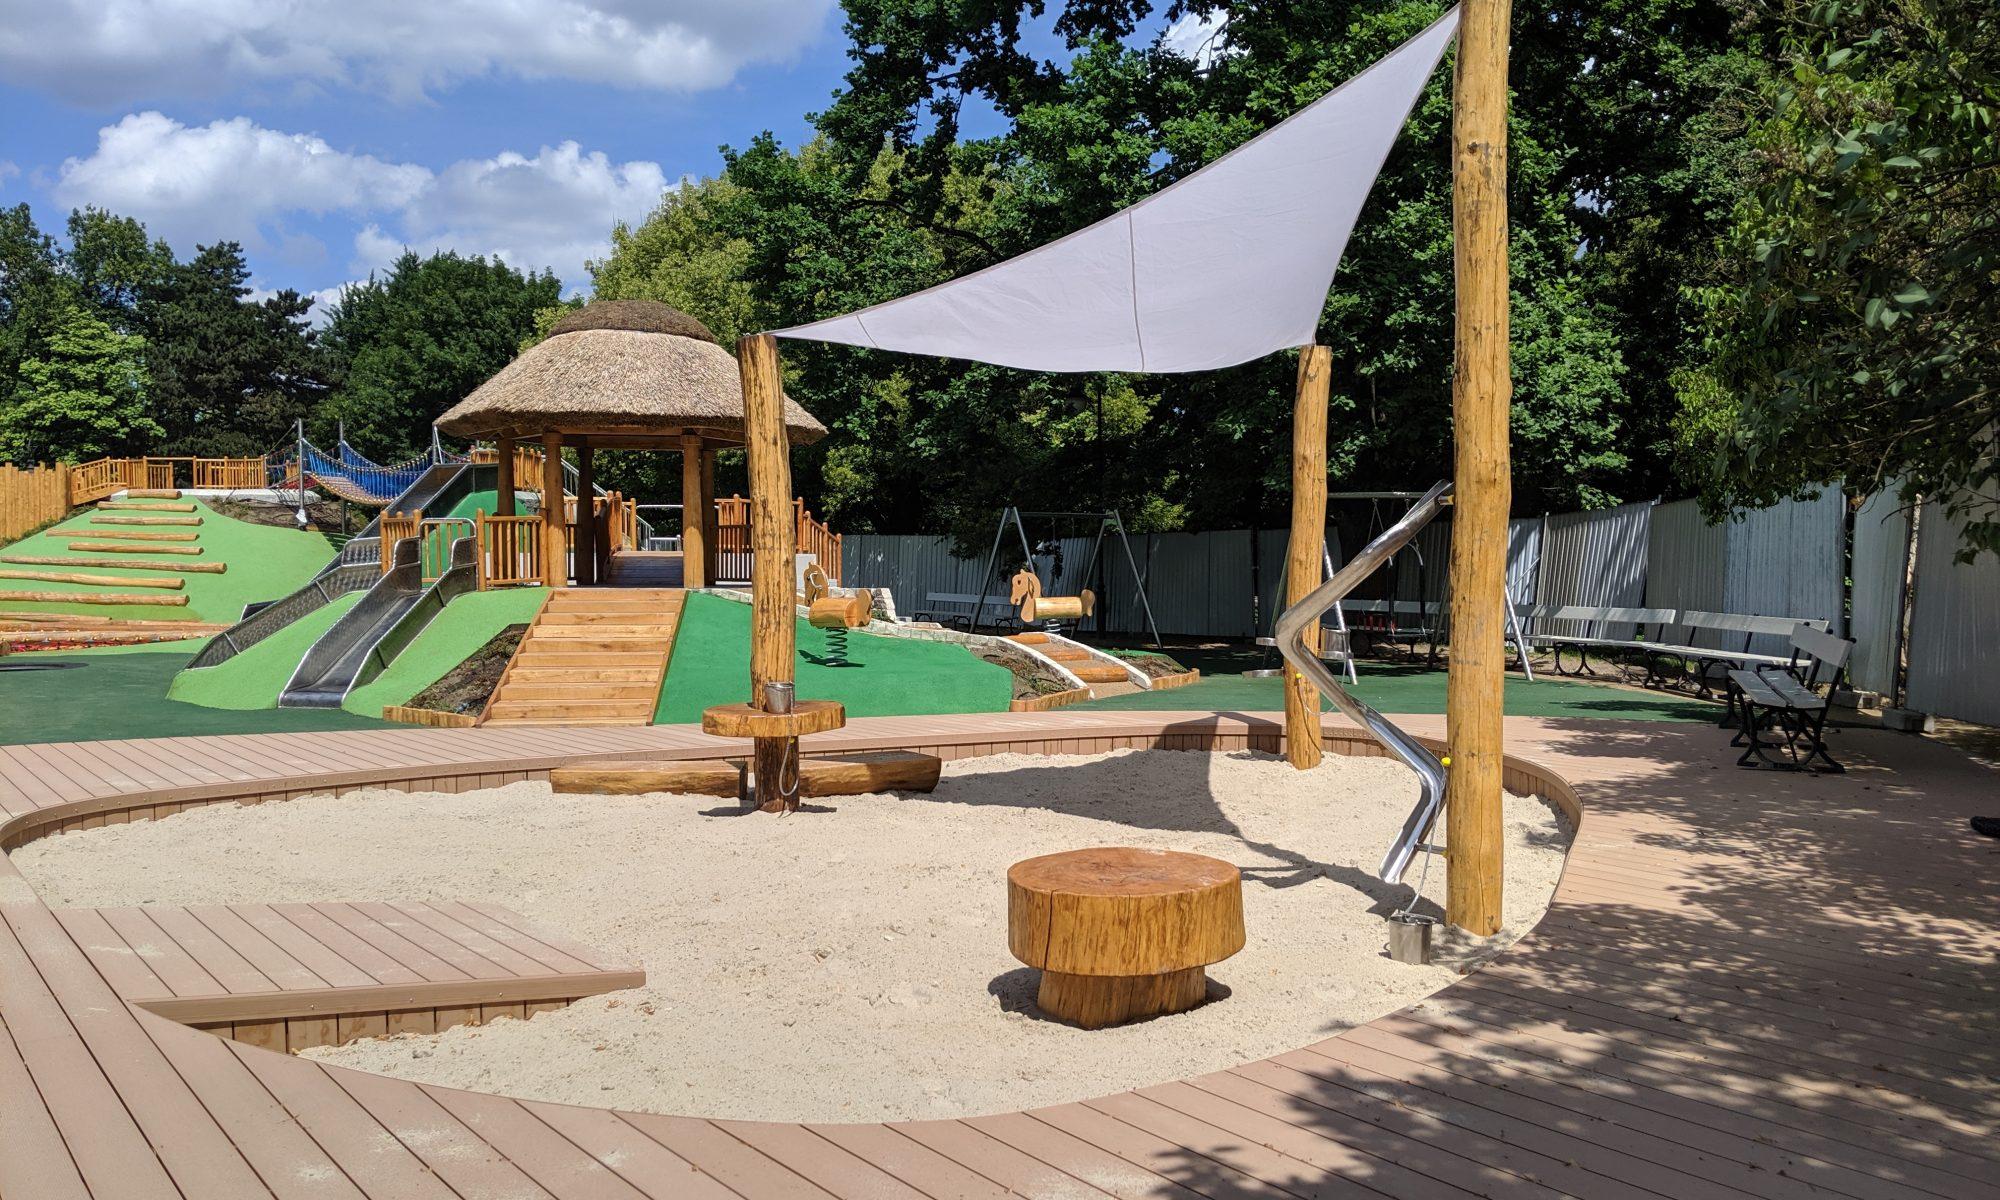 Nowy plac zabaw w Parku Ujazdowskim w Warszawie